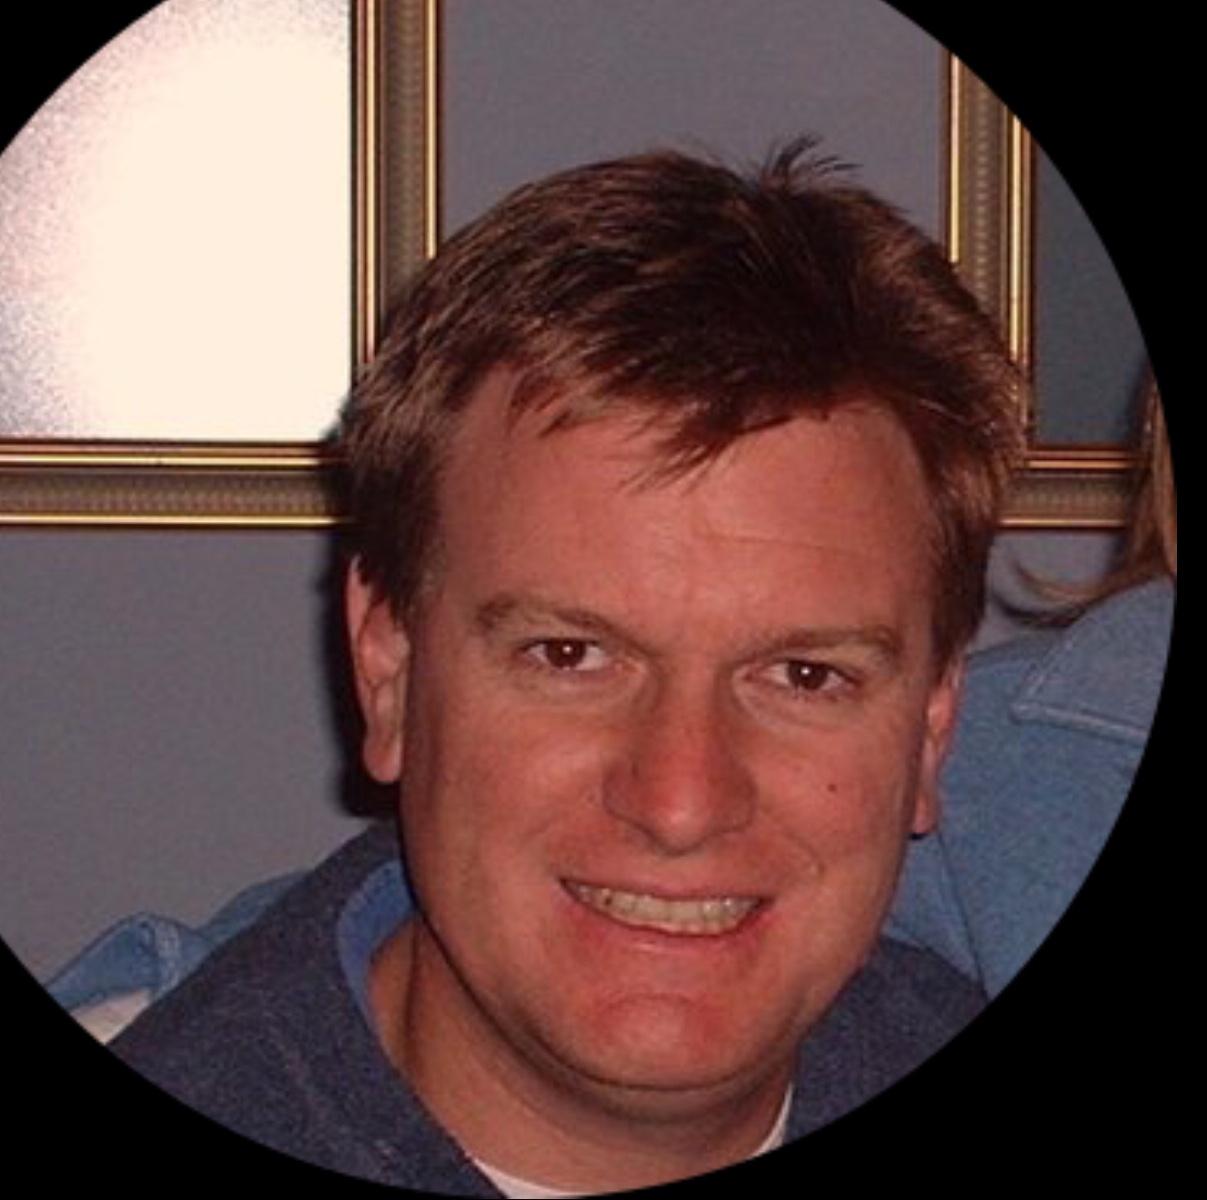 Mr C R Dutton